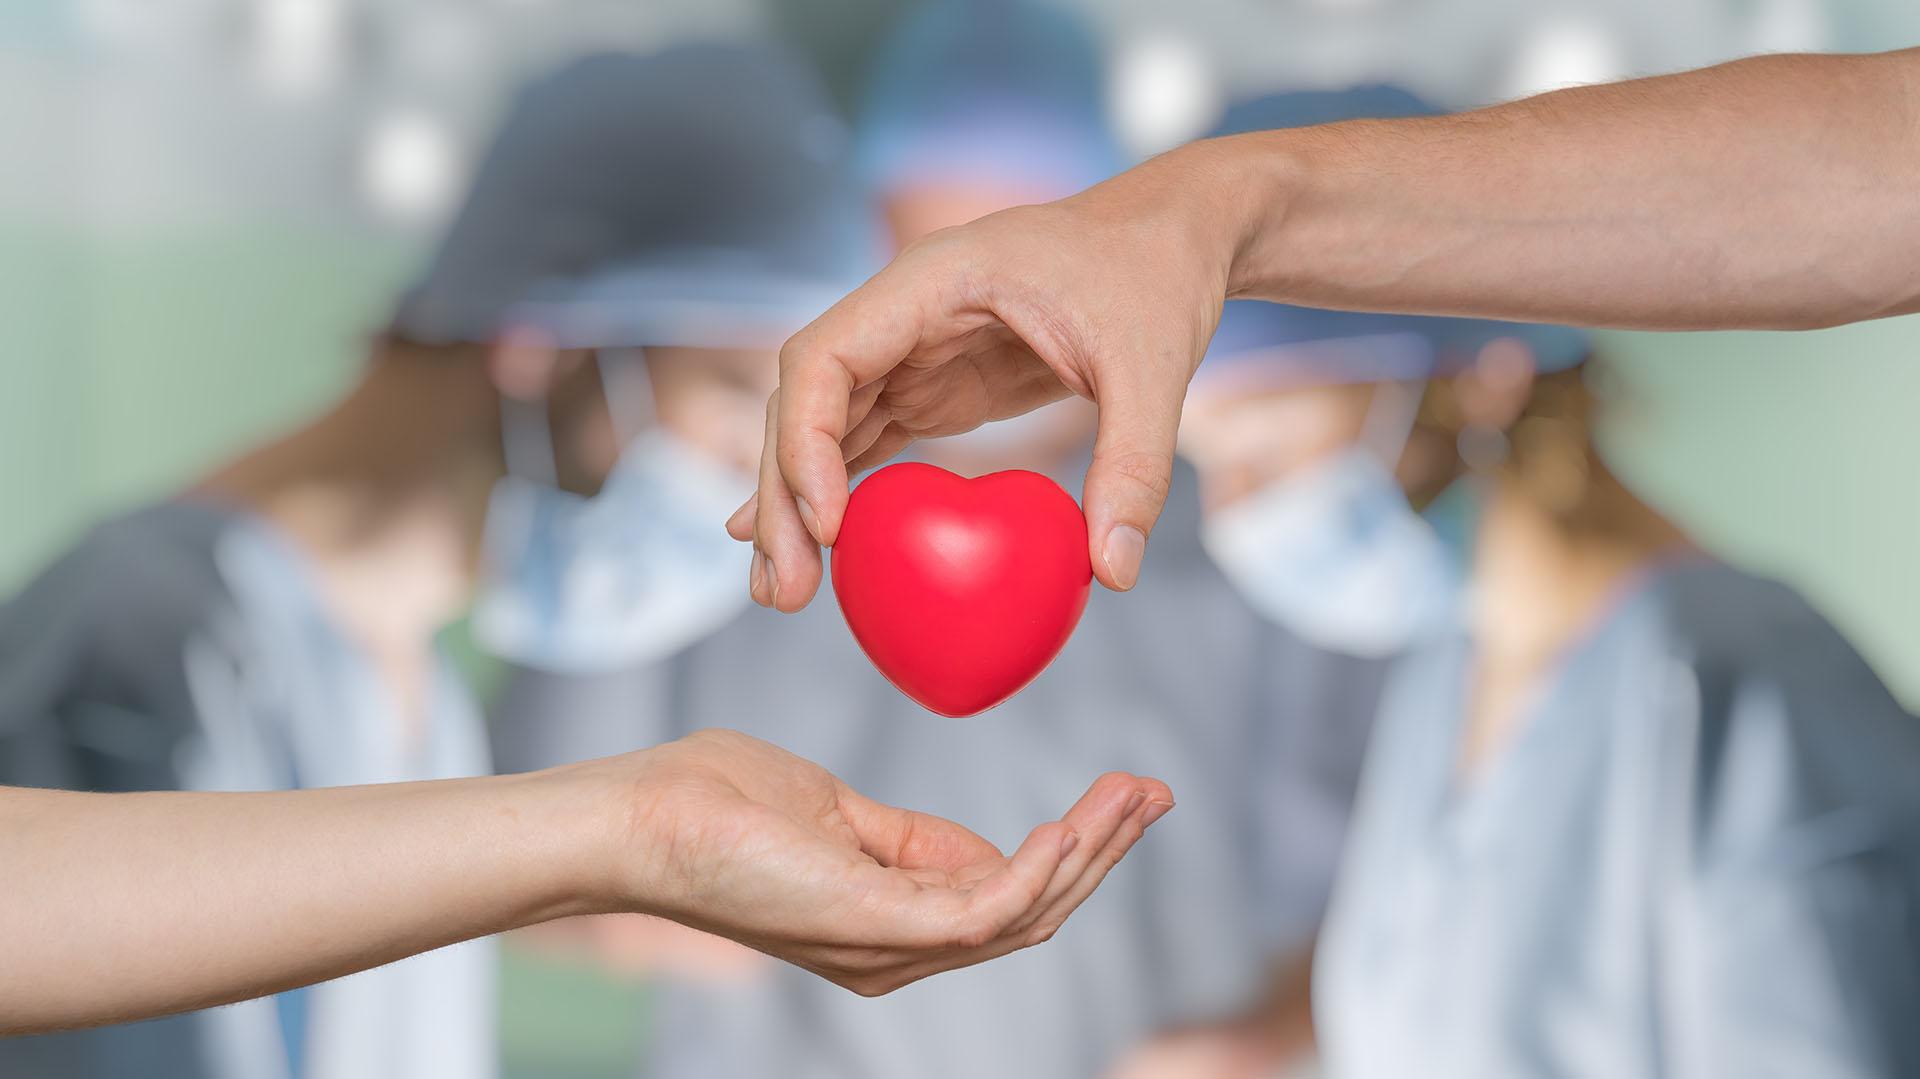 """Sin donantes, no hay trasplantes"""": más de 7800 personas esperan un órgano en el país y 250 son niños y adolescentes - Infobae"""